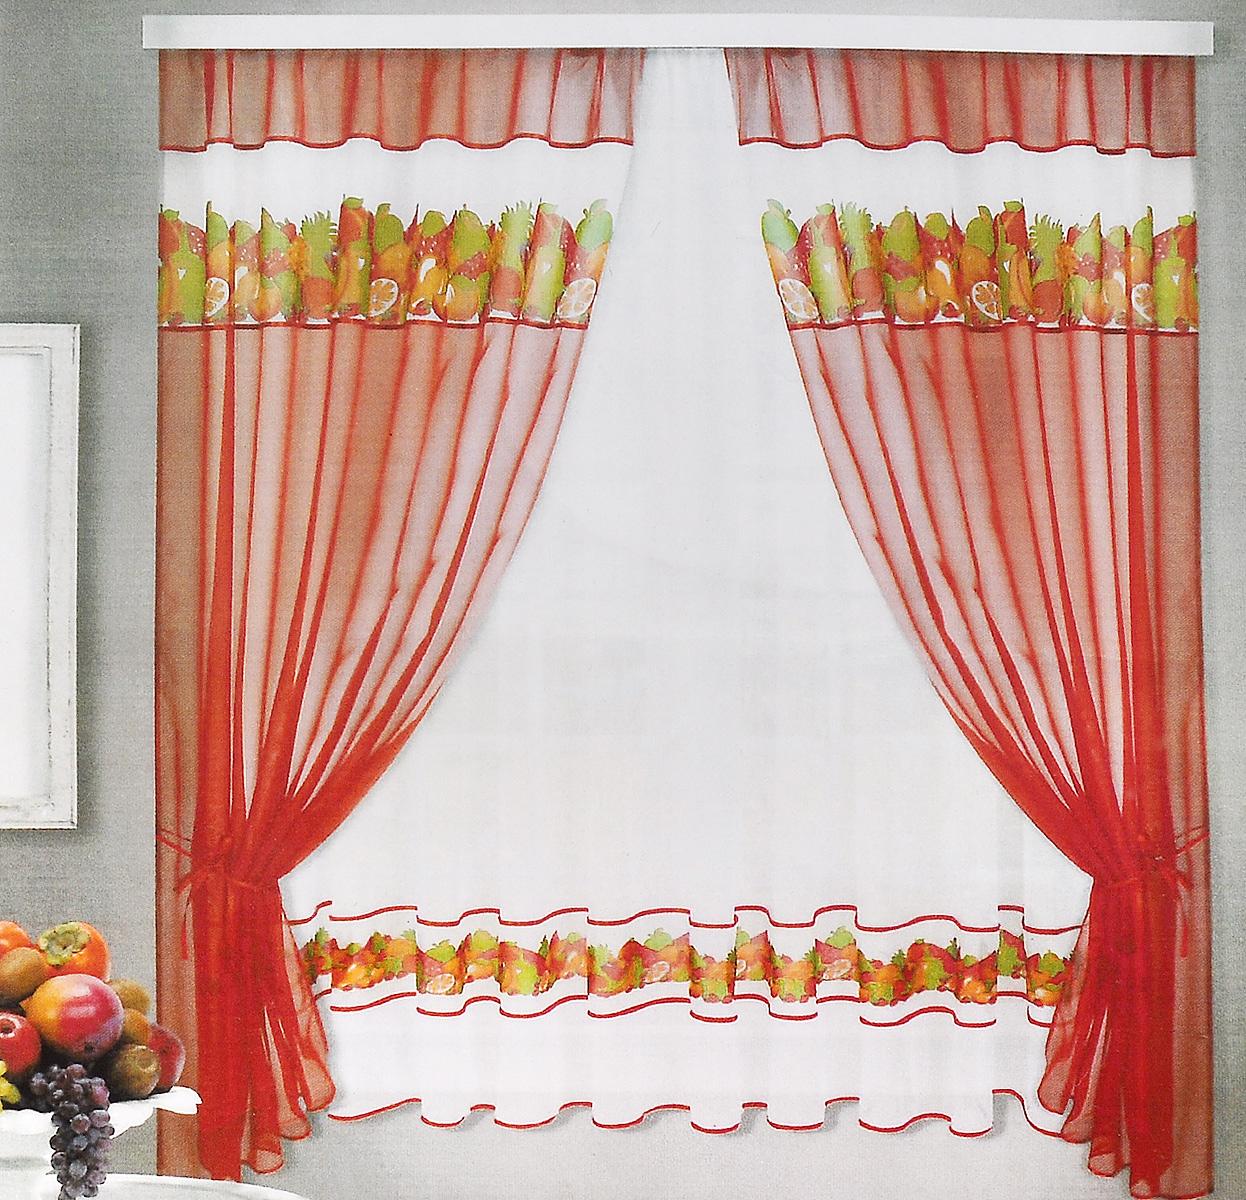 Комплект штор для кухни ТД Текстиль Фруктовая поляна, на ленте, цвет: оранжевый, белый, 5 предметов3324Комплект штор для кухни ТД Текстиль Фруктовая поляна, выполненный из вуалевого полотна (100% полиэстер), великолепно украсит любое окно. Комплект состоит из тюля, двух штор и двух подхватов. Оригинальный дизайн и яркая цветовая гамма привлекут к себе внимание и органично впишутся в интерьер помещения.Комплект крепится на карниз при помощи ленты, которая поможет красиво и равномерно задрапировать верх. Комплект будет долгое время радовать вас и вашу семью!